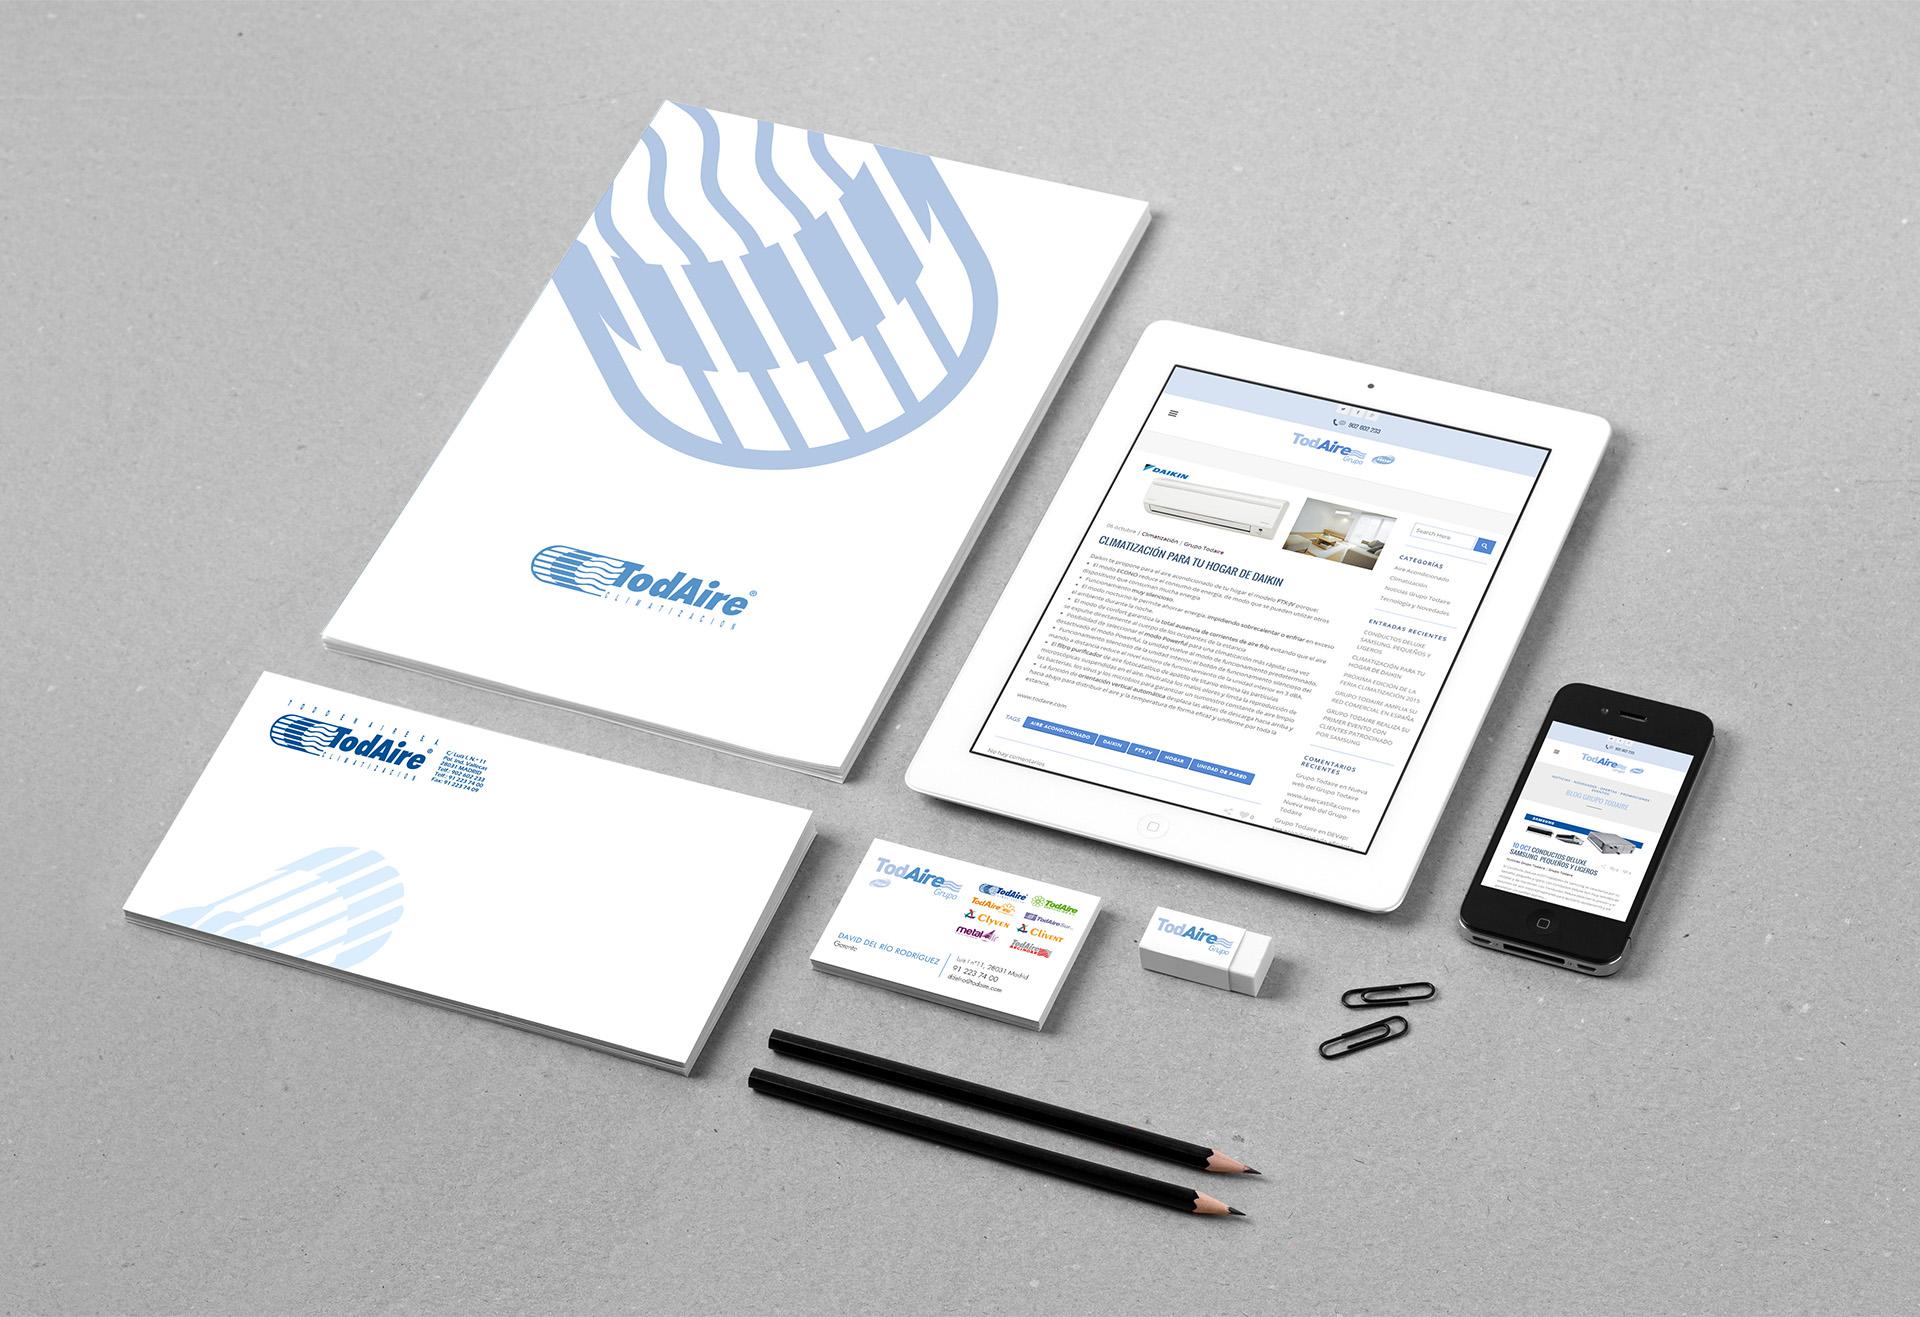 Creación y producción de entidad corporativa y mantenimiento de Blog de Noticias online.